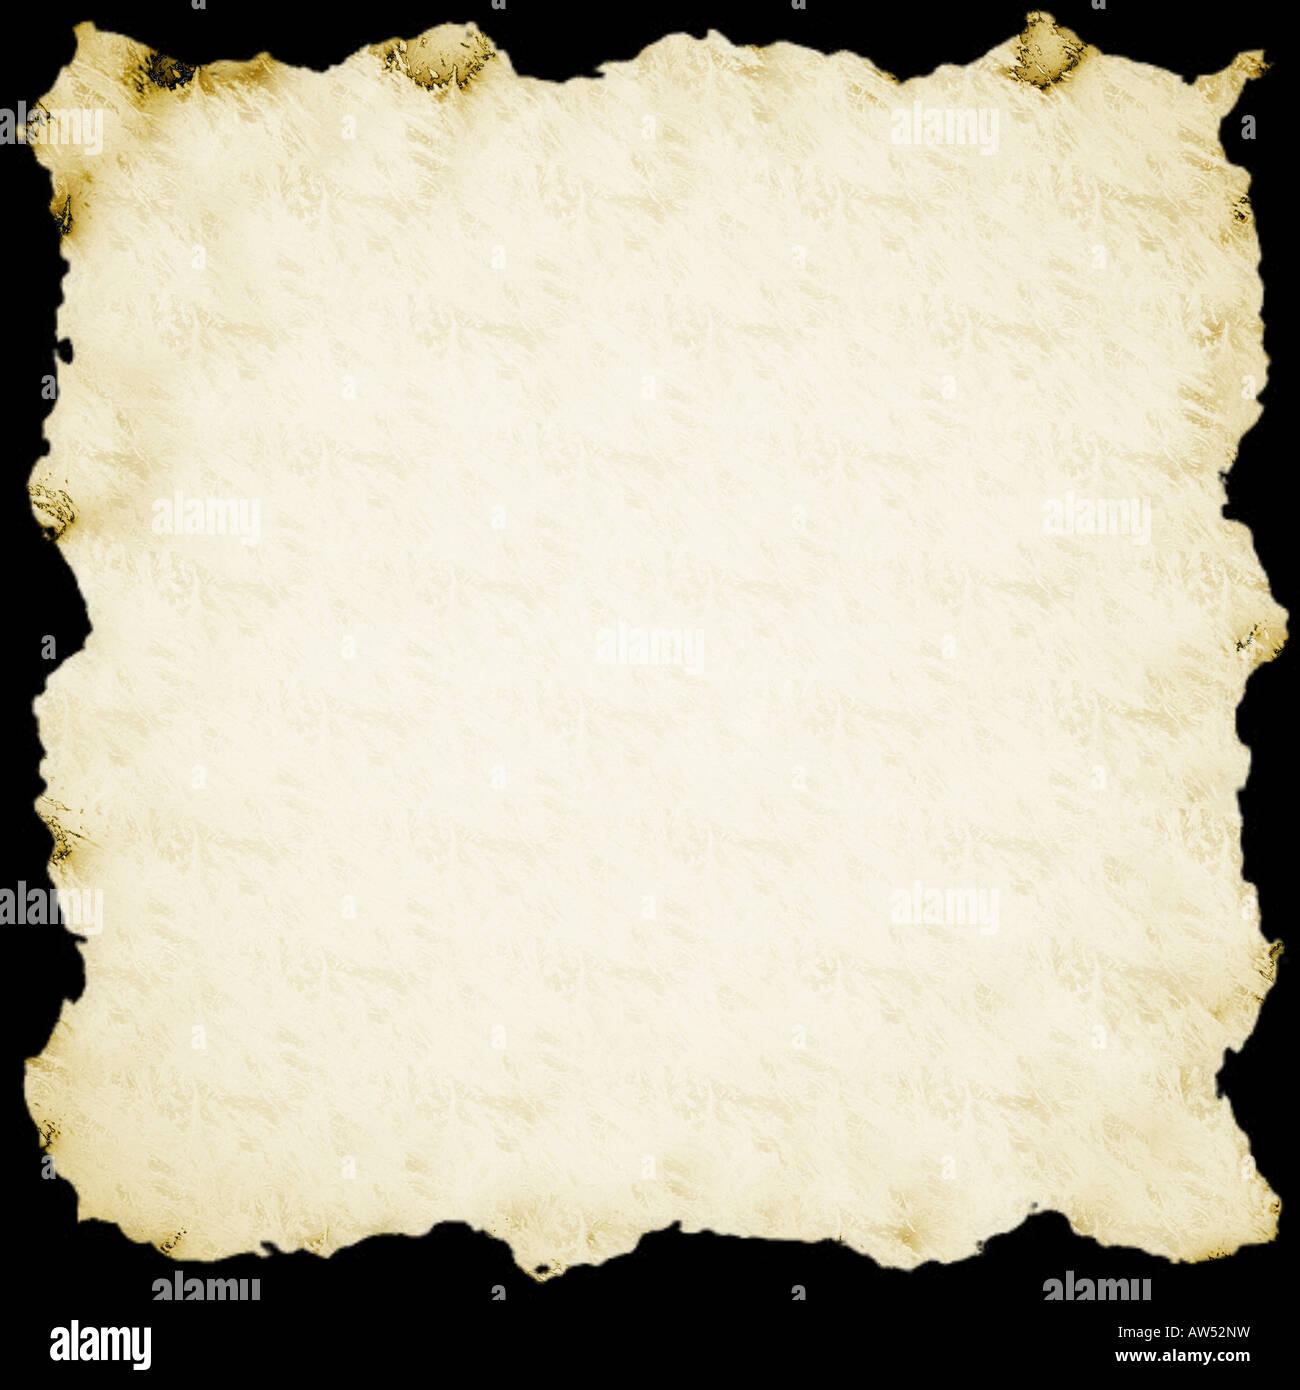 Papyrus - Stock Image